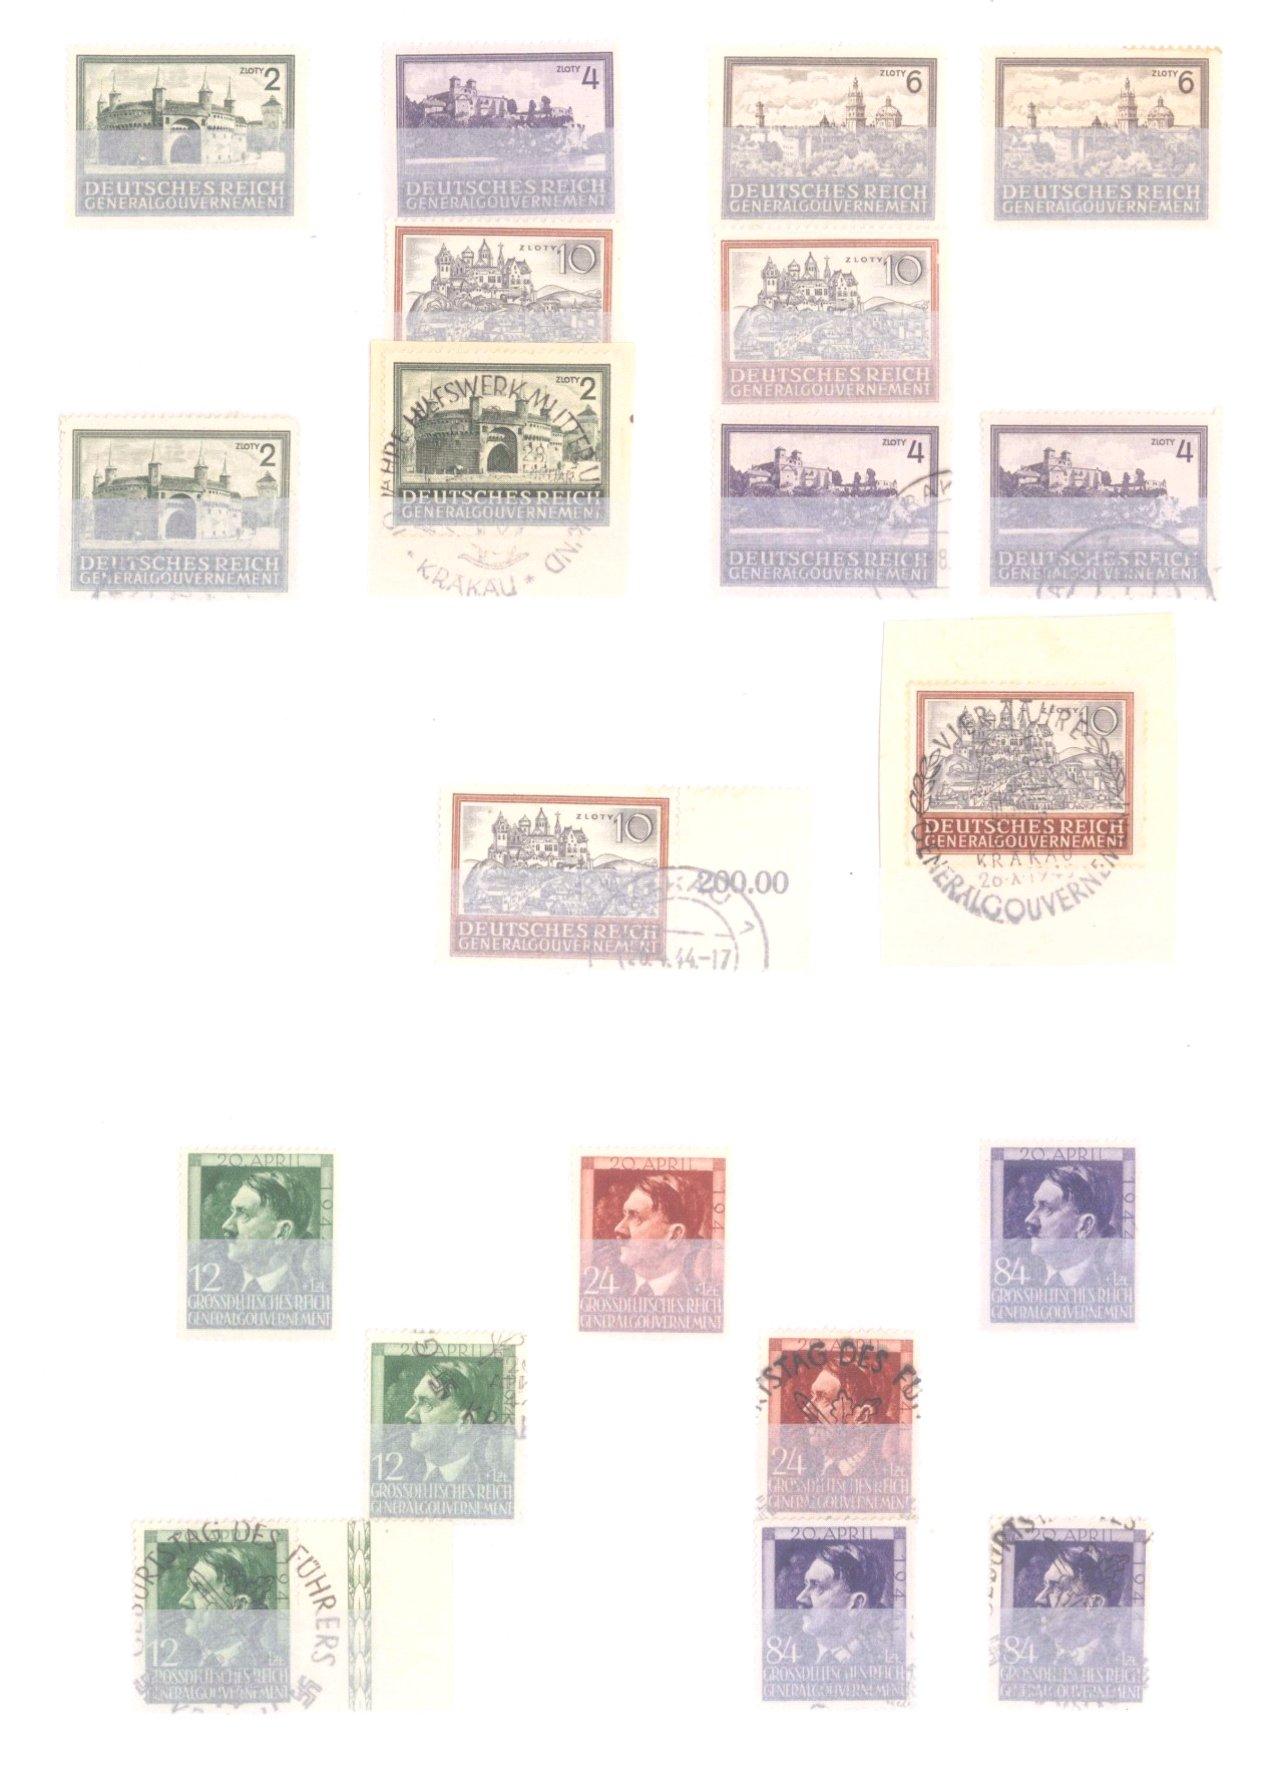 Sammlung Deutsches Reich in 2 Alben, 1933-1945-37